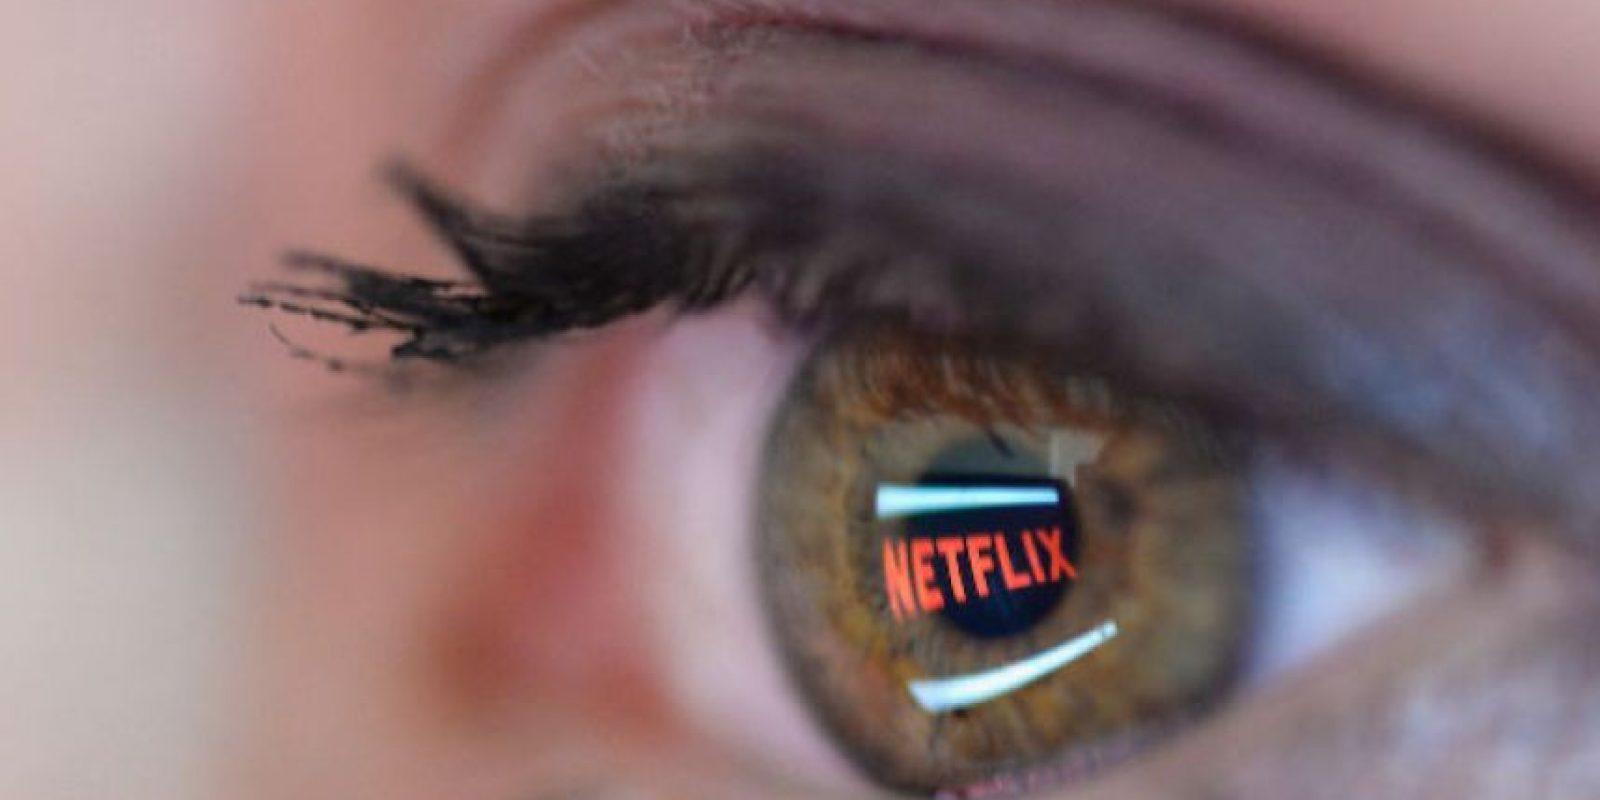 """Netflix quiere que su contenido sea para todos. Ahora los ciegos podrán disfrutar de series como """"Daredevil"""". En su blog anunció que muy pronto las demás series también podrán disfrutarse con esta función. Foto:Getty Images"""